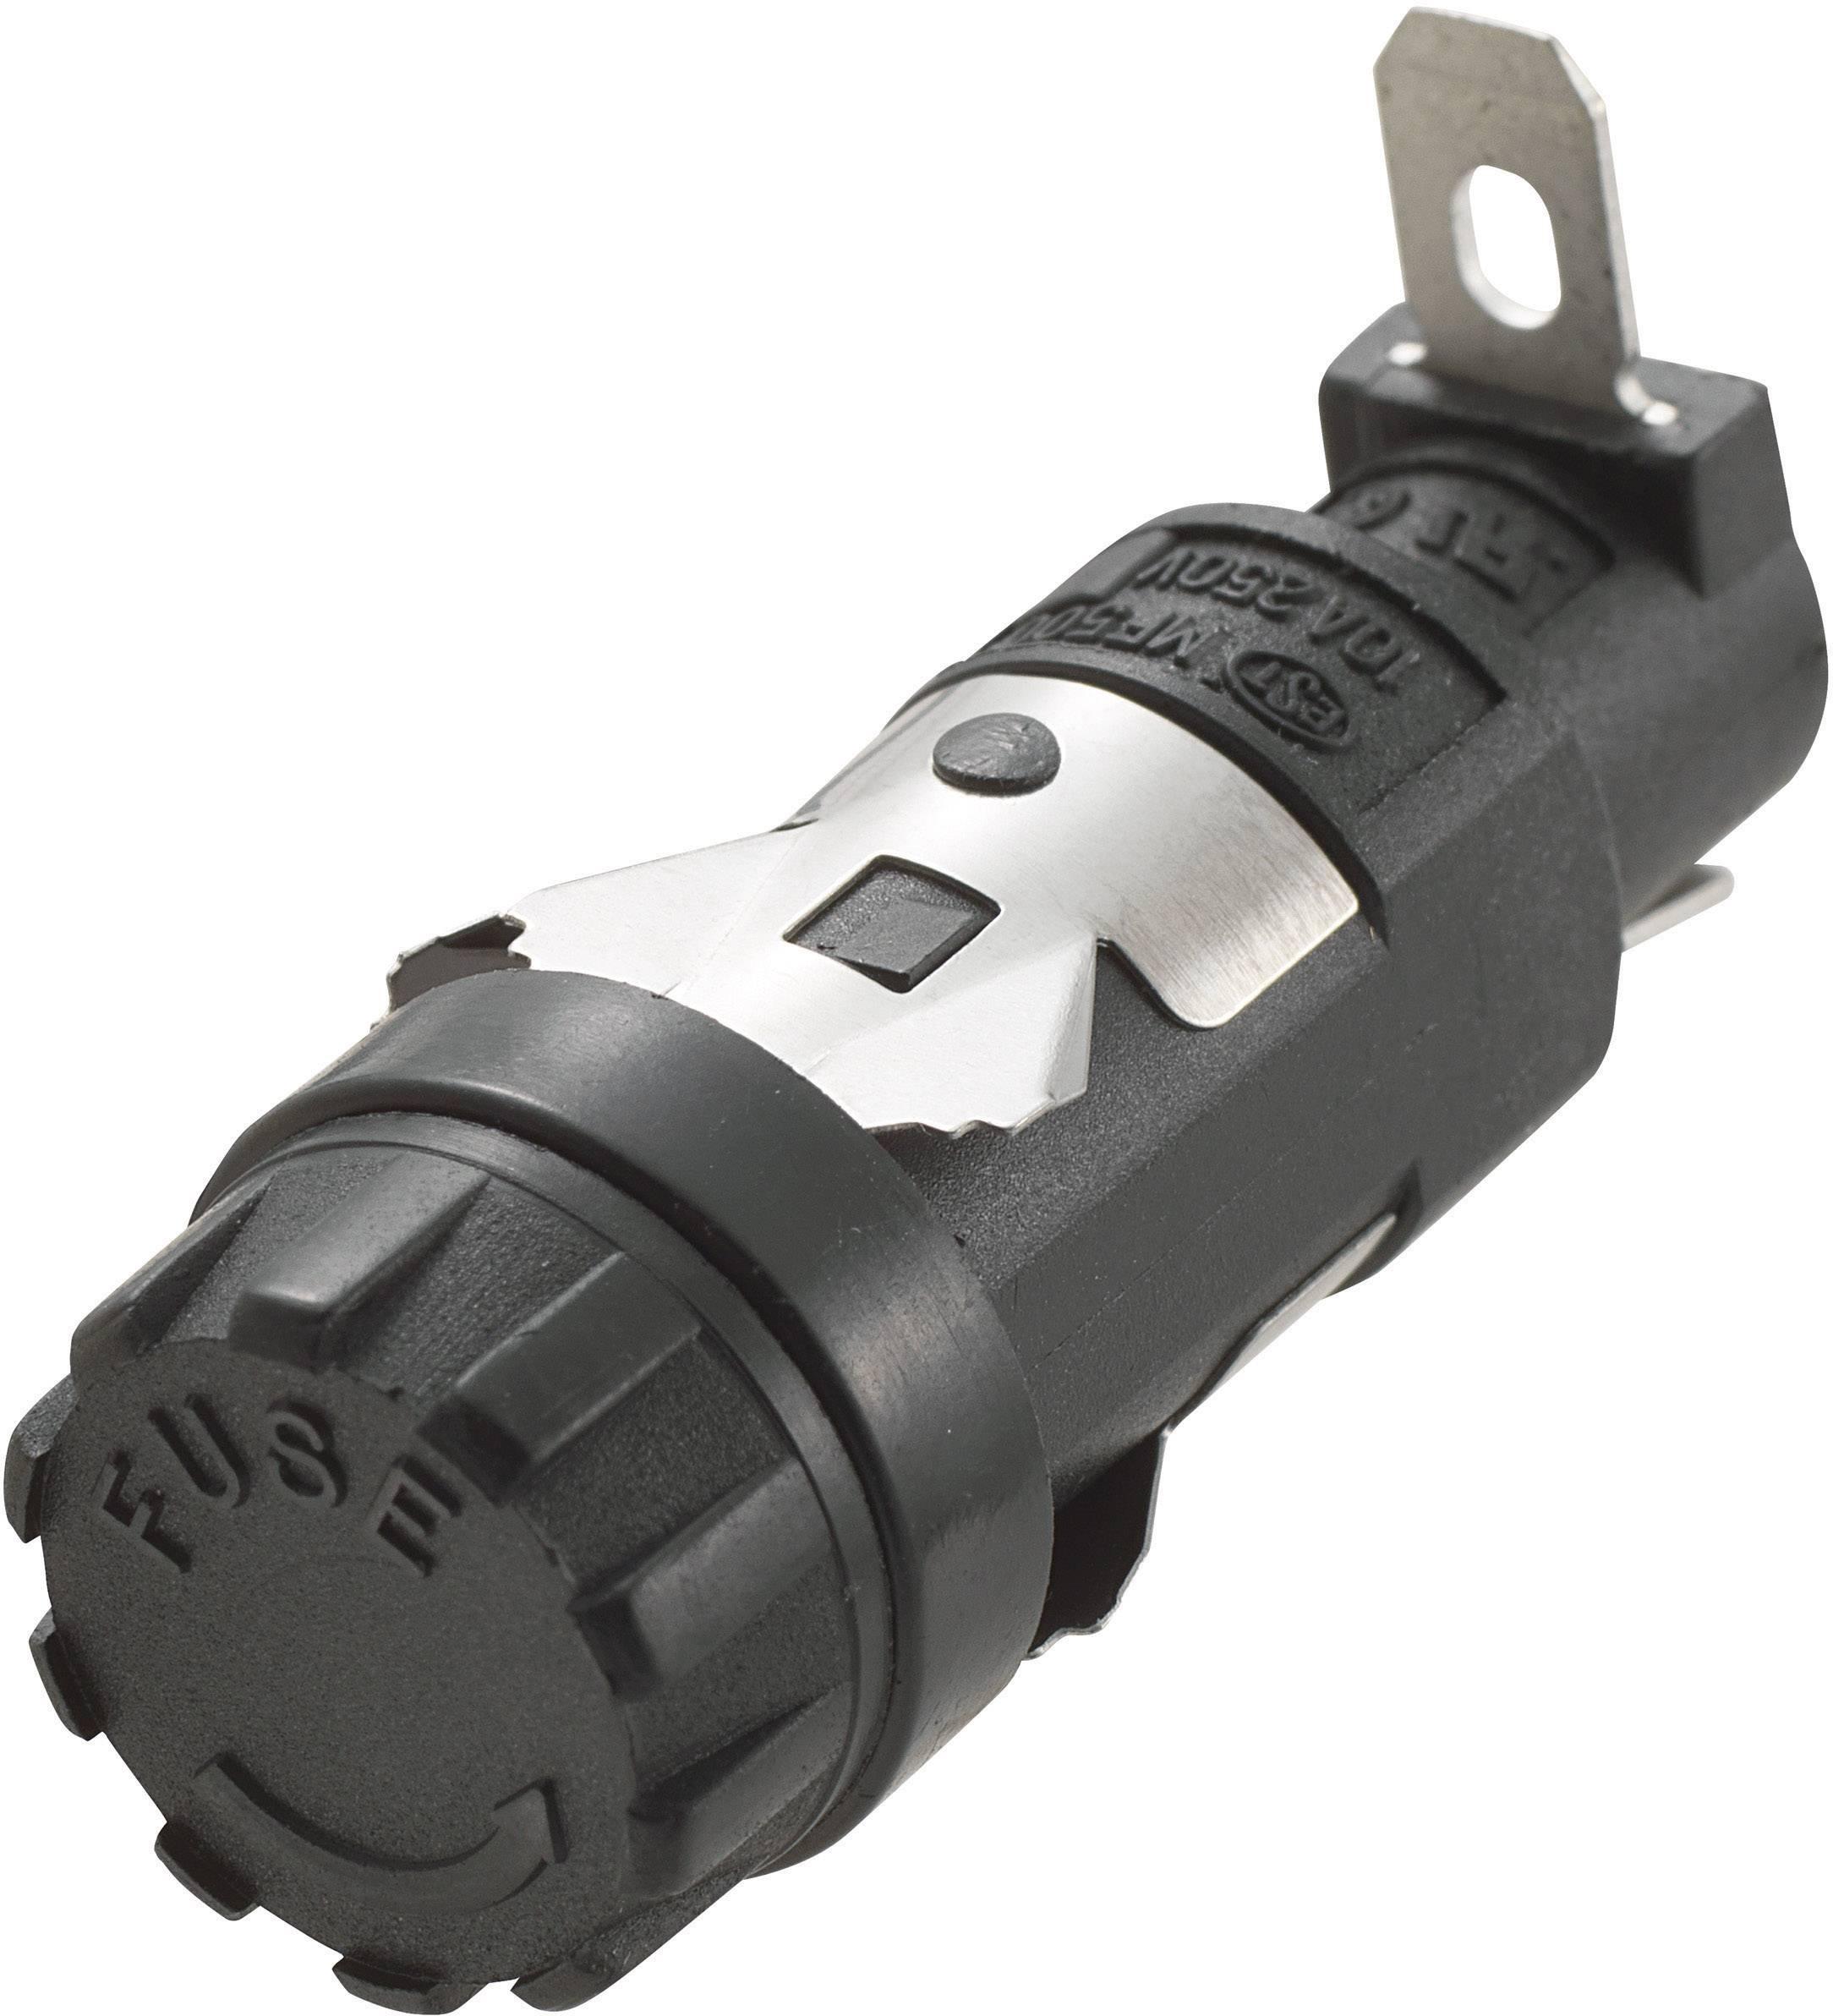 Držiak poistky TRU COMPONENTS R3-11 533858, Vhodné pre poistky 5 x 20 mm, 10 A, 250 V/AC, 1 ks